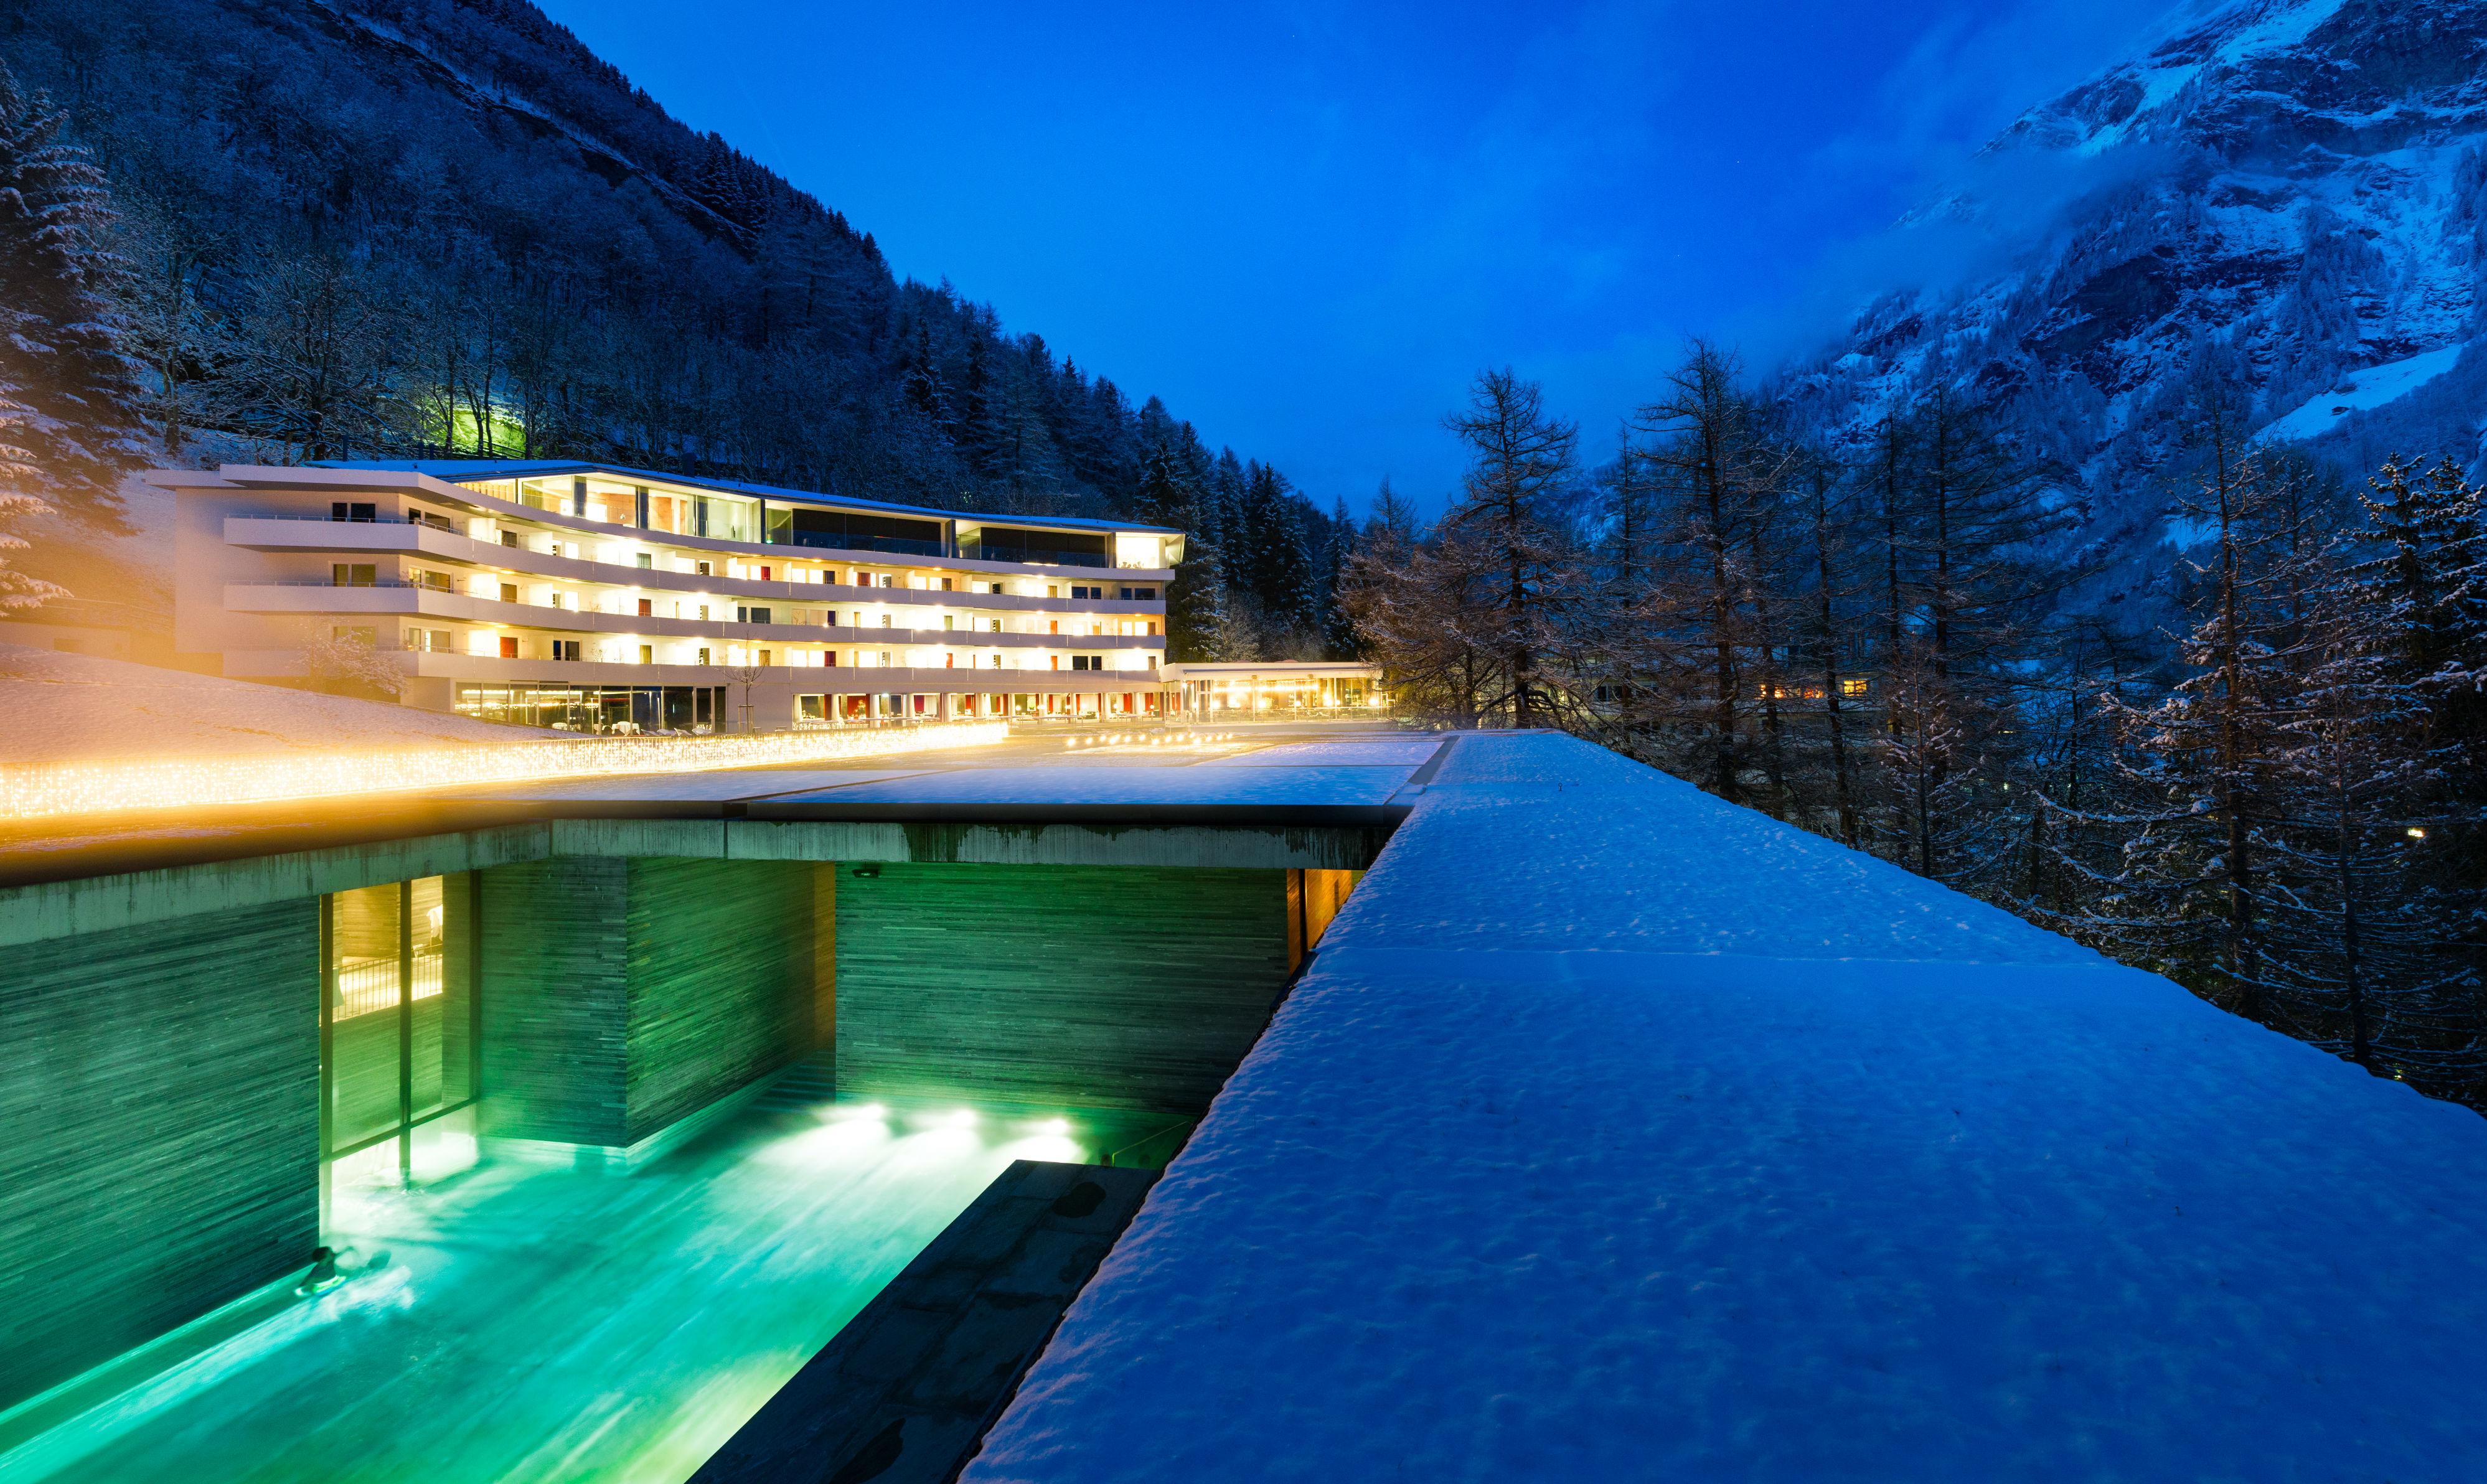 Hoteles con encanto la piscina con las mejores vistas del planeta idealista news - Hoteles con encanto y piscina ...